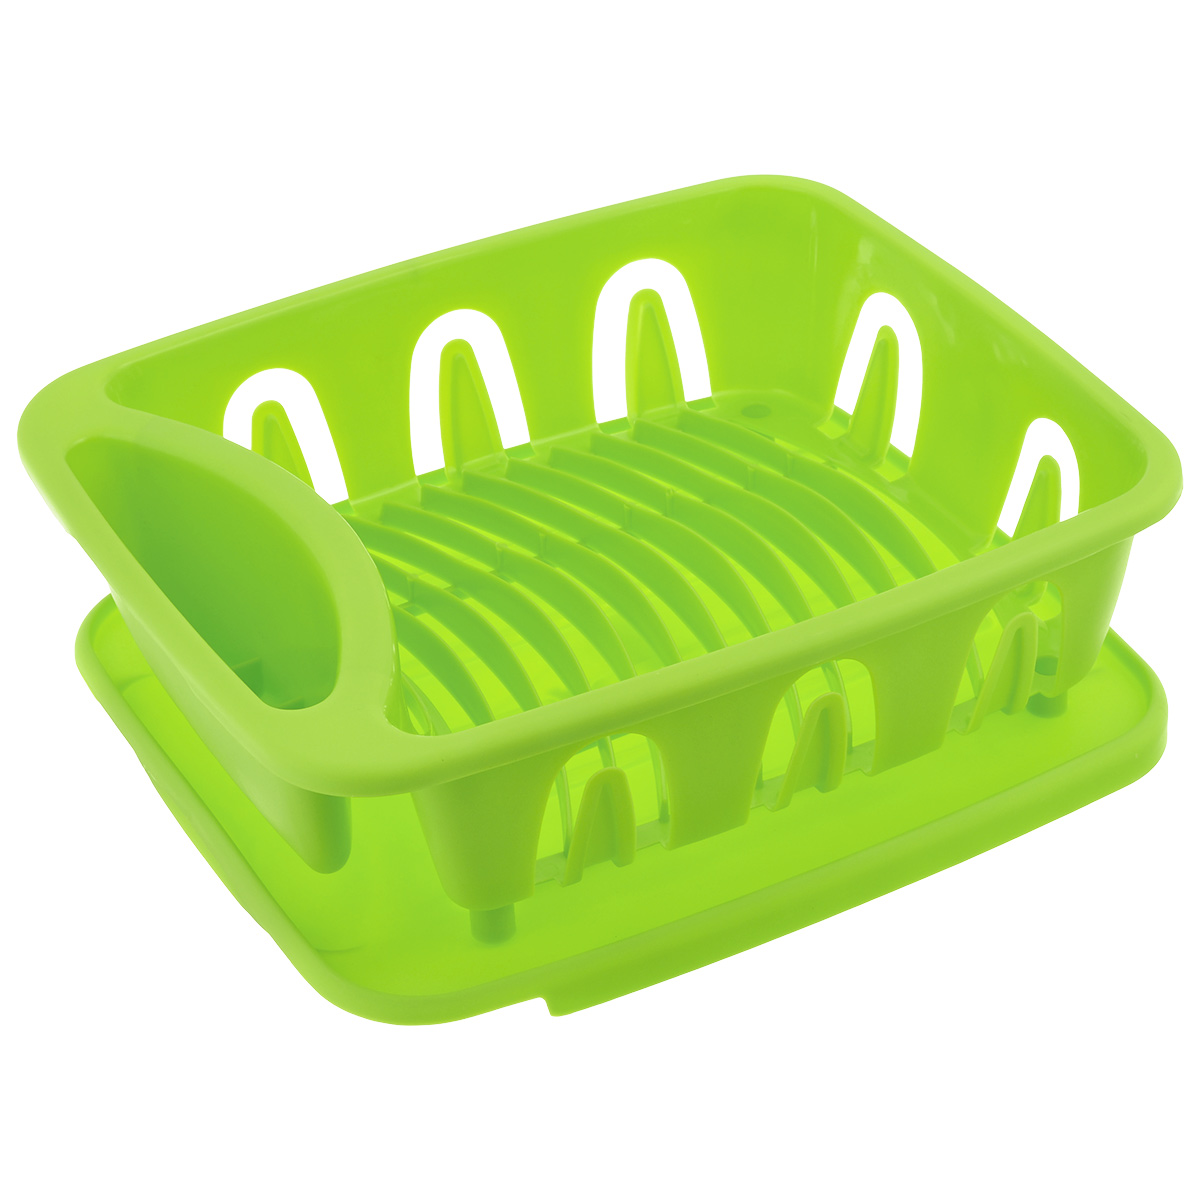 Сушилка для посуды Dommix, цвет: салатовый, 35,5 х 31 х 13 см32.02.45-514Сушилка для посуды Dommix, выполненная из высококачественного пластика, представляет собой подставку с ячейками, в которые помещается посуда, и отделением для столовых приборов. Сушилка оснащена пластиковым поддоном для стекания в него воды.Ваши тарелки высохнут быстро, если после мойки вы поместите их в легкую, яркую, современную пластиковую сушилку.Сушилка для посуды Dommix станет незаменимым атрибутом на вашей кухне.Размер сушилки: 35,5 см х 31 см х 13 см. Размер поддона: 35 см х 31 см х 0,8 см.